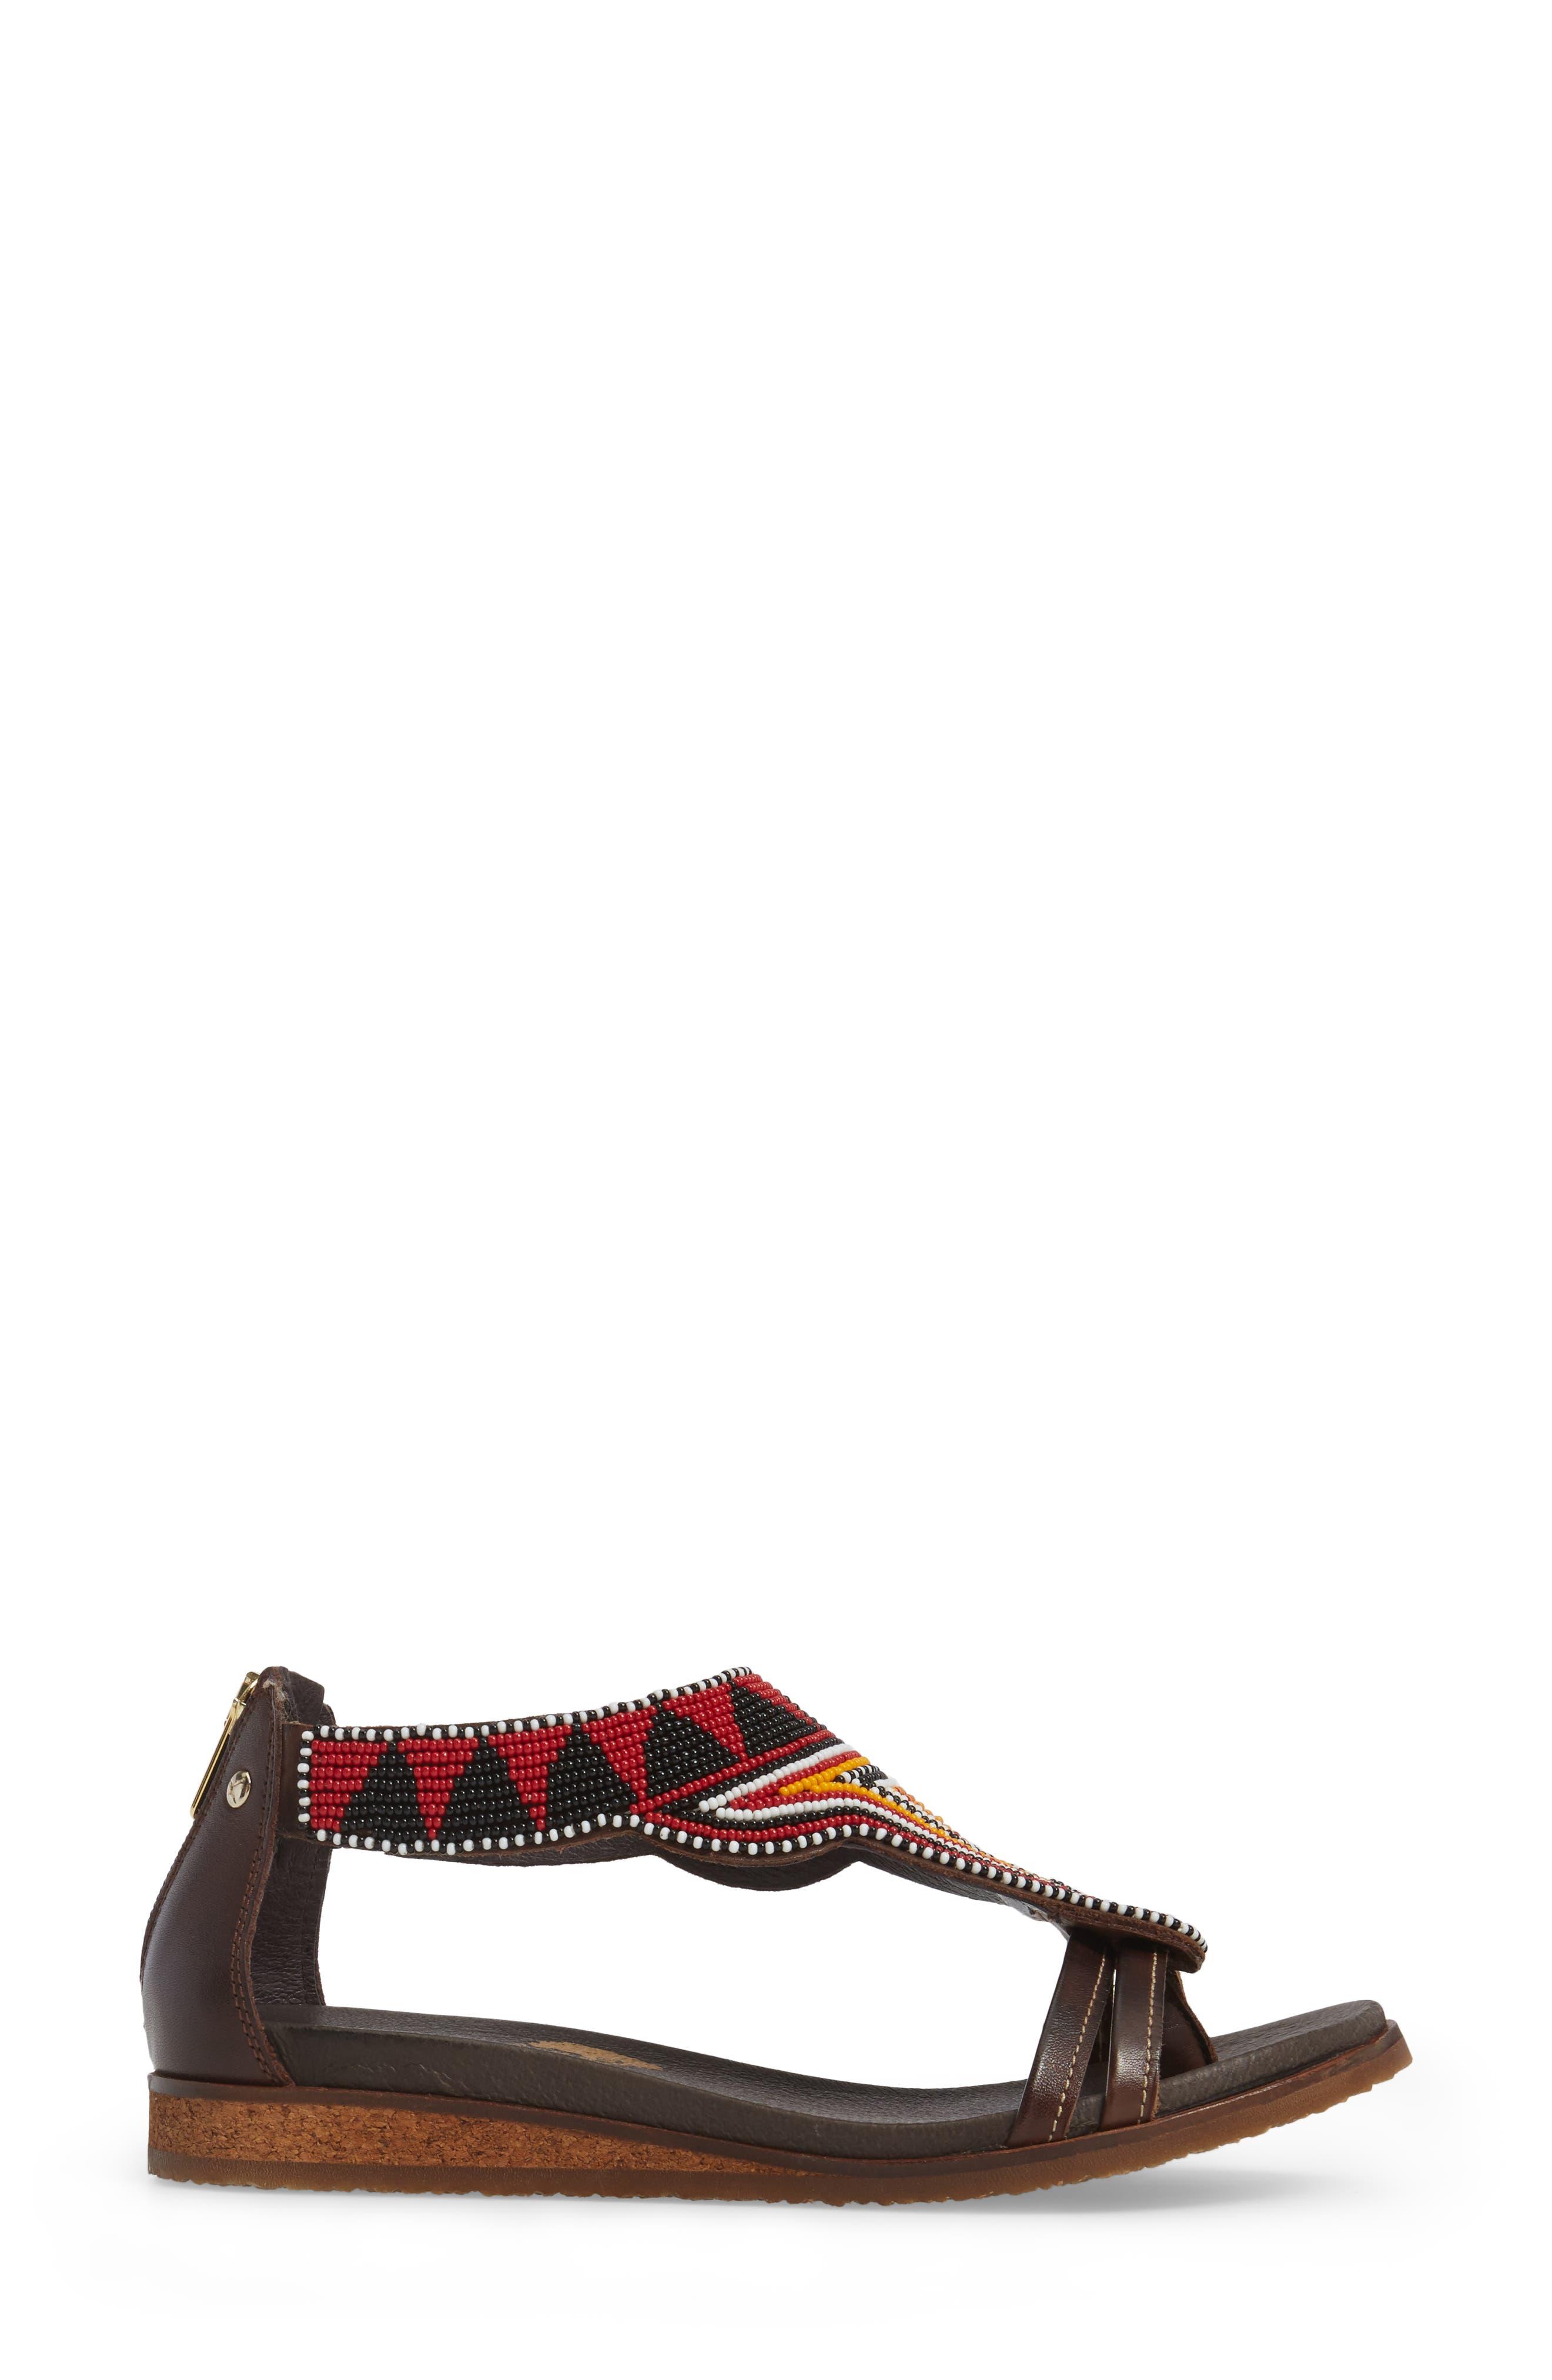 Alternate Image 3  - PIKOLINOS Antillas Thong Sandal (Women)